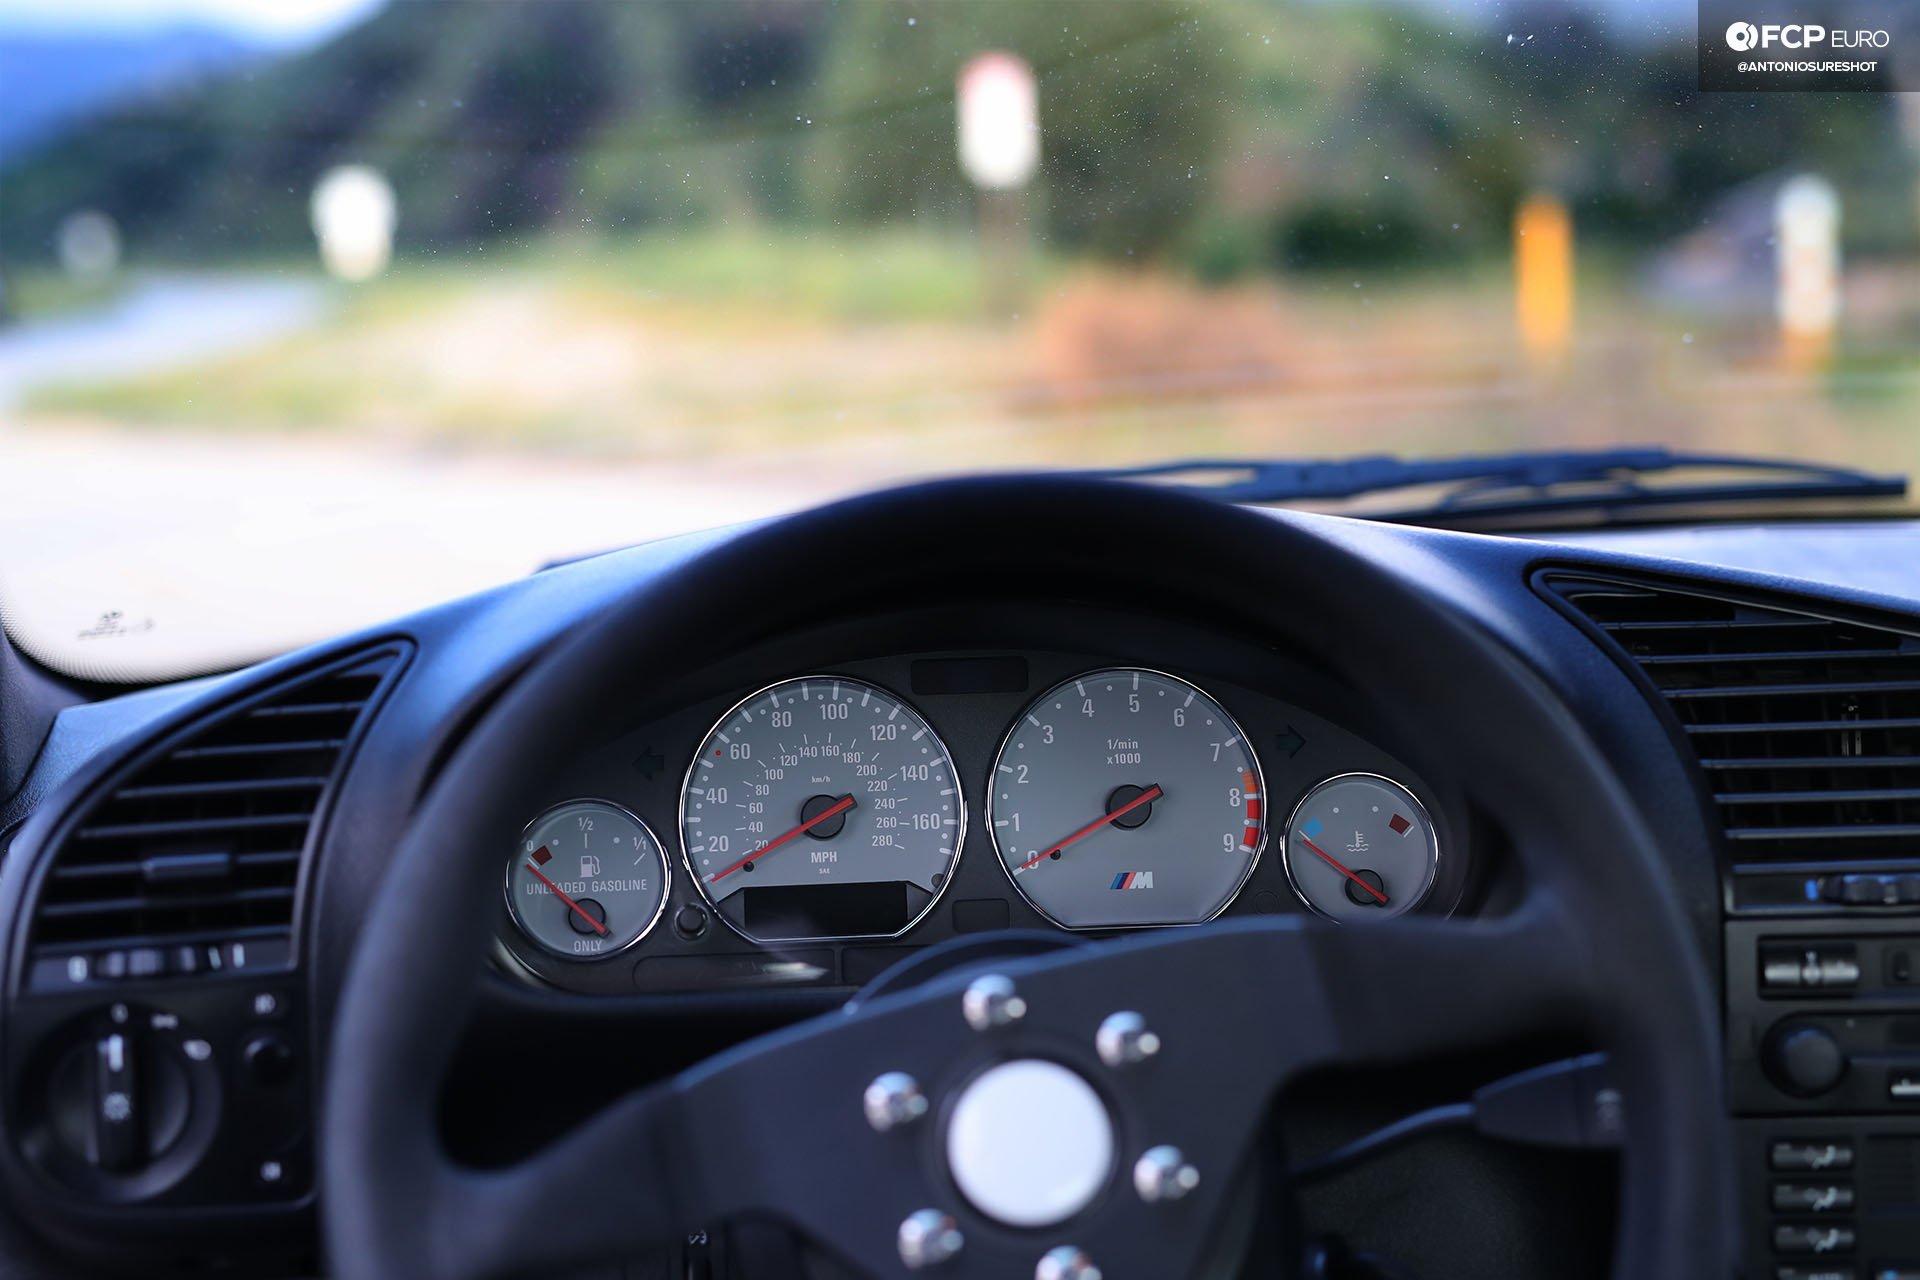 Garage Welt E36 BMW M3 Z3 M Coupe gauge cluster